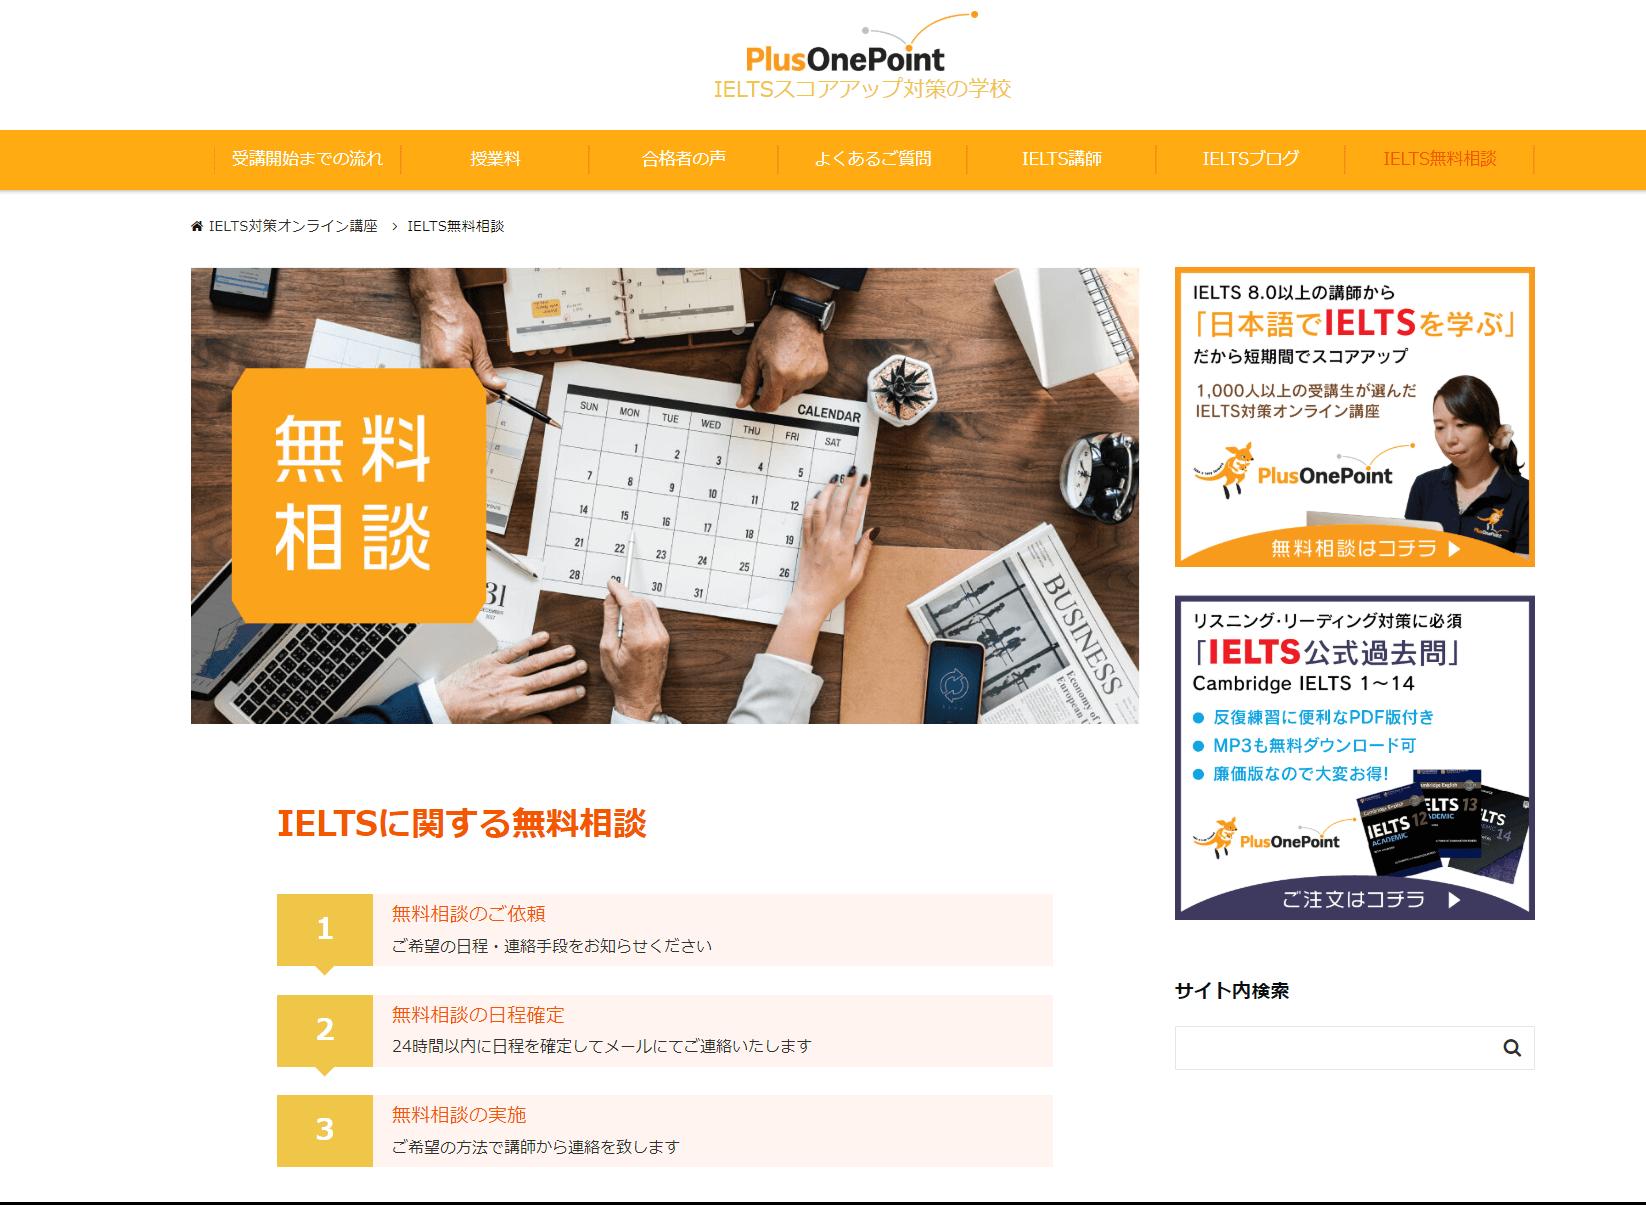 「plusonepoint」の画像検索結果